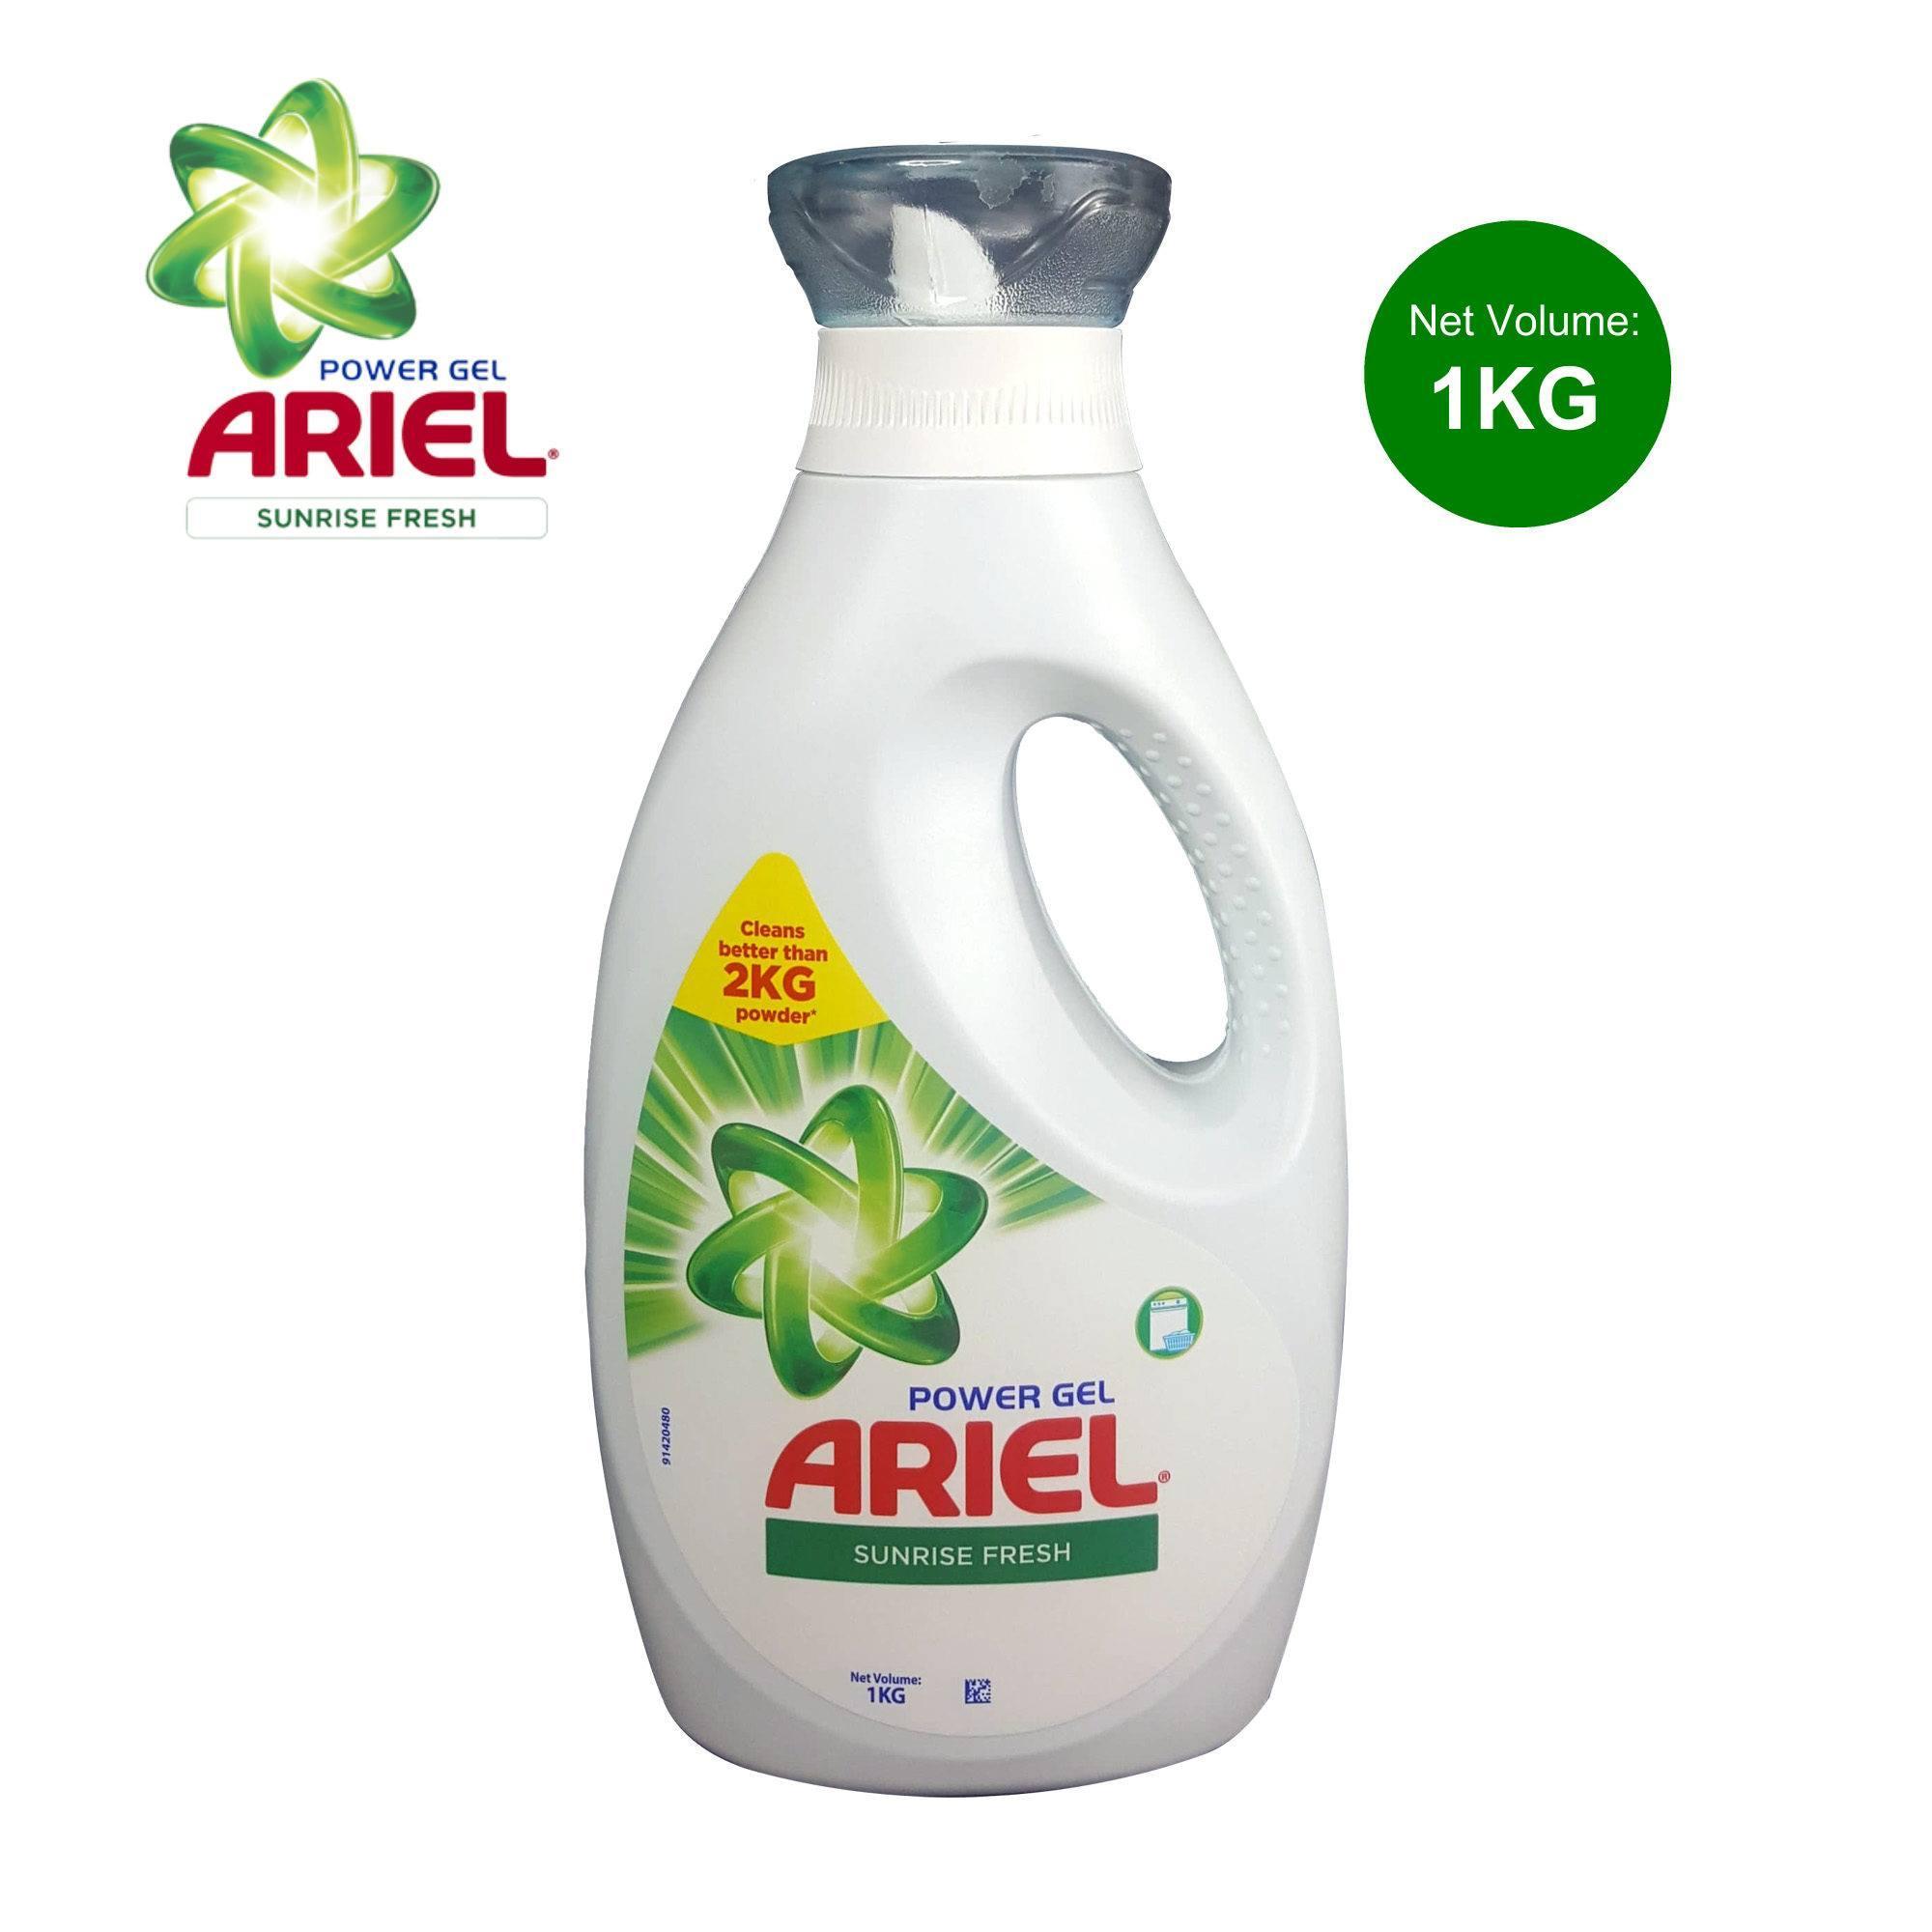 Ariel Power Gel Sunrise Fresh Liquid Detergent 1Kg